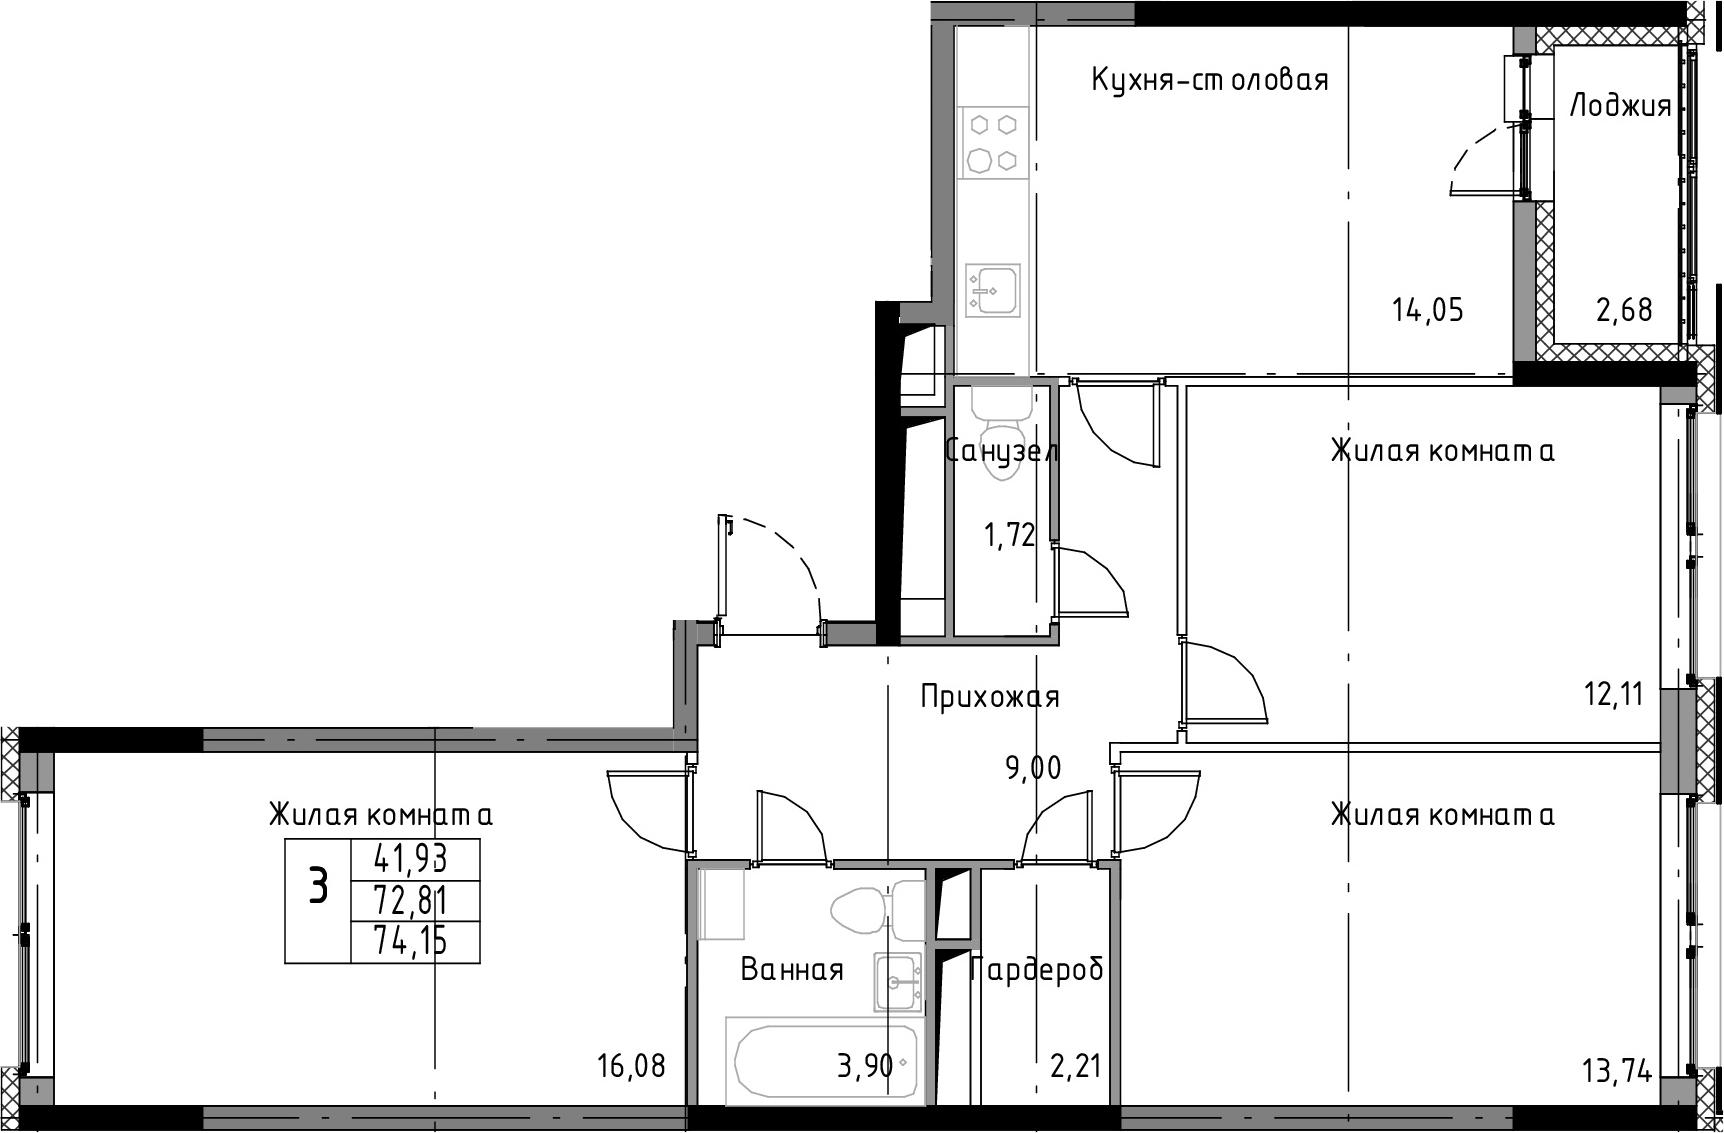 3-к.кв, 74.15 м²